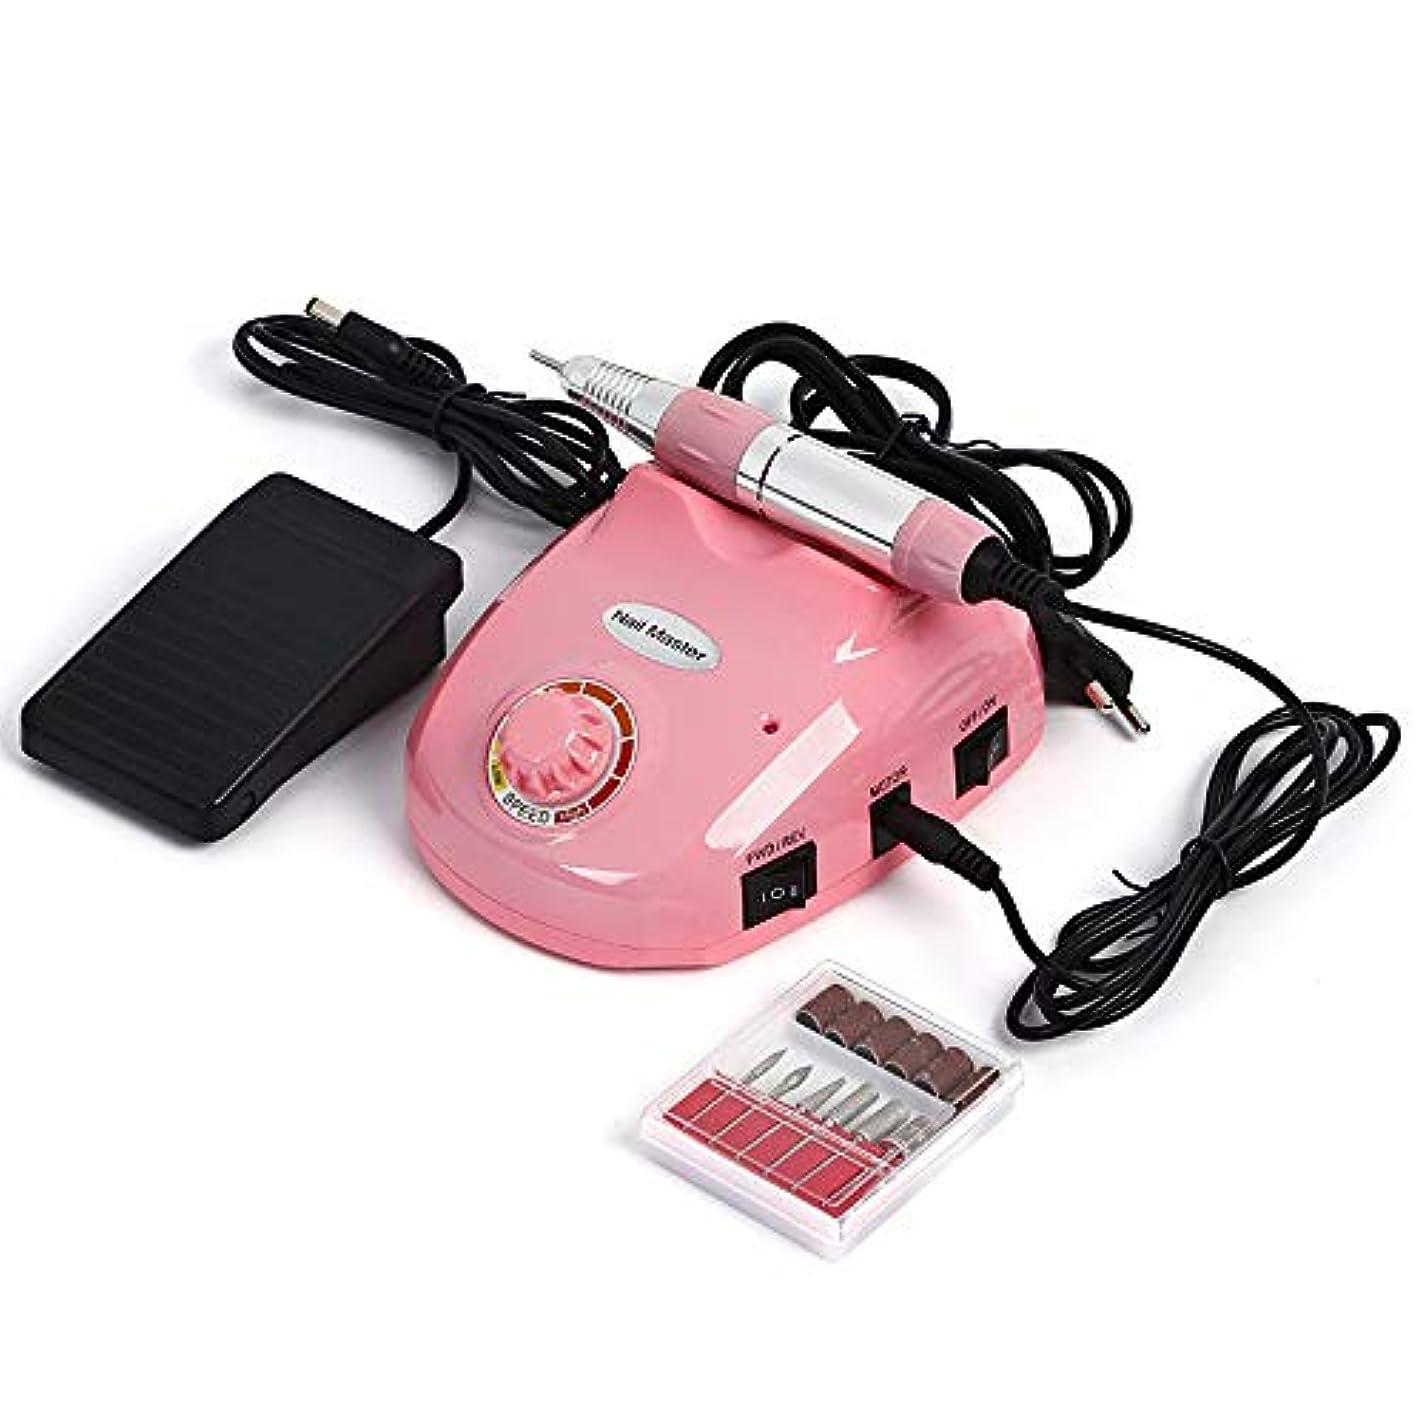 従順三角特殊電動ネイルドリル、アクリルネイル用のプロフェッショナルネイルドリルジェルネイルグレイジングネイルドリルネイルアートポリッシャーセットグレイジングネイルドリルファストマニキュアペディキュア,Pink